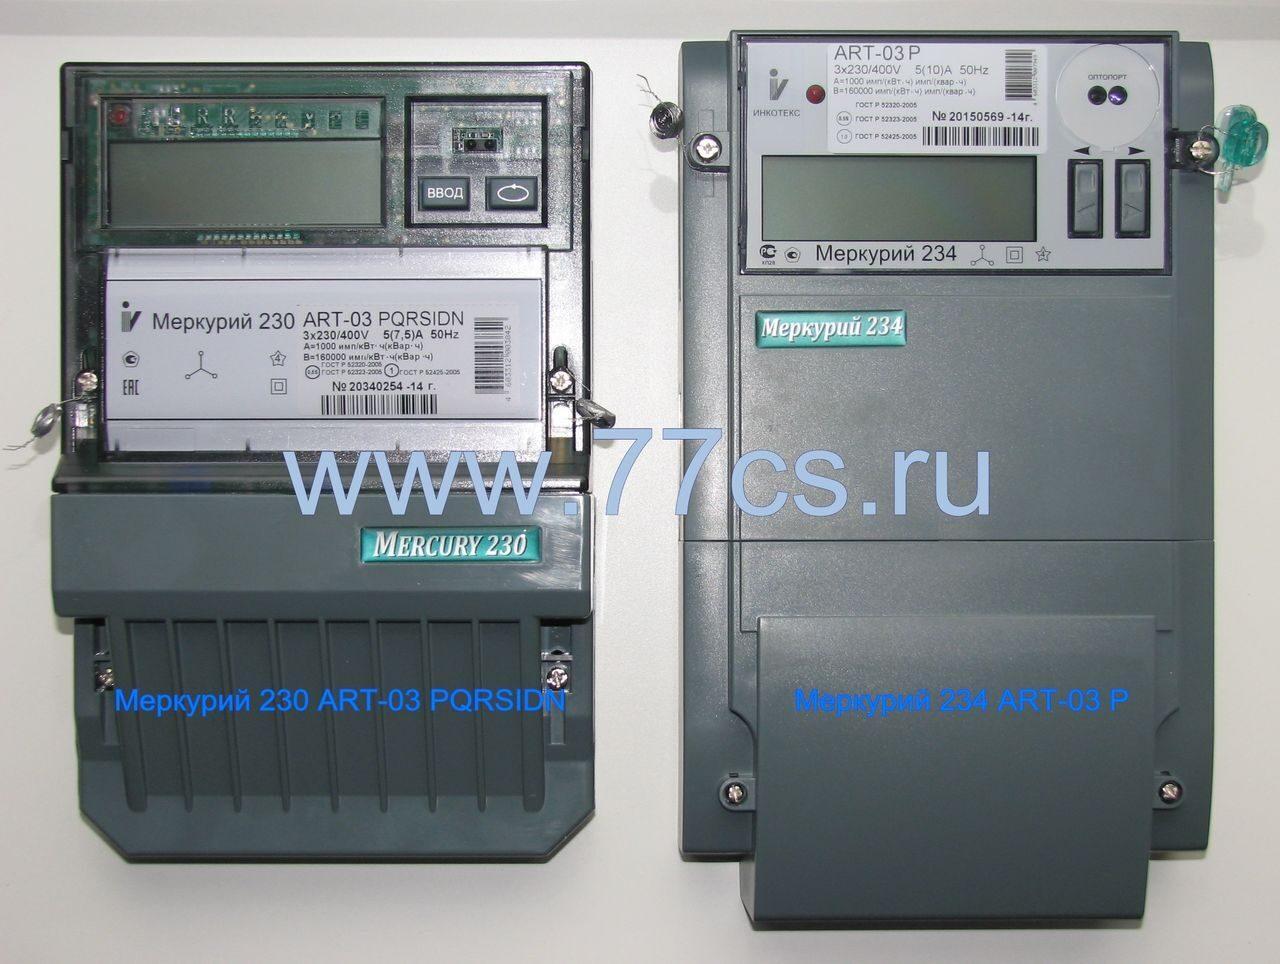 меркурий 230 ам 03 схема подключения инструкция